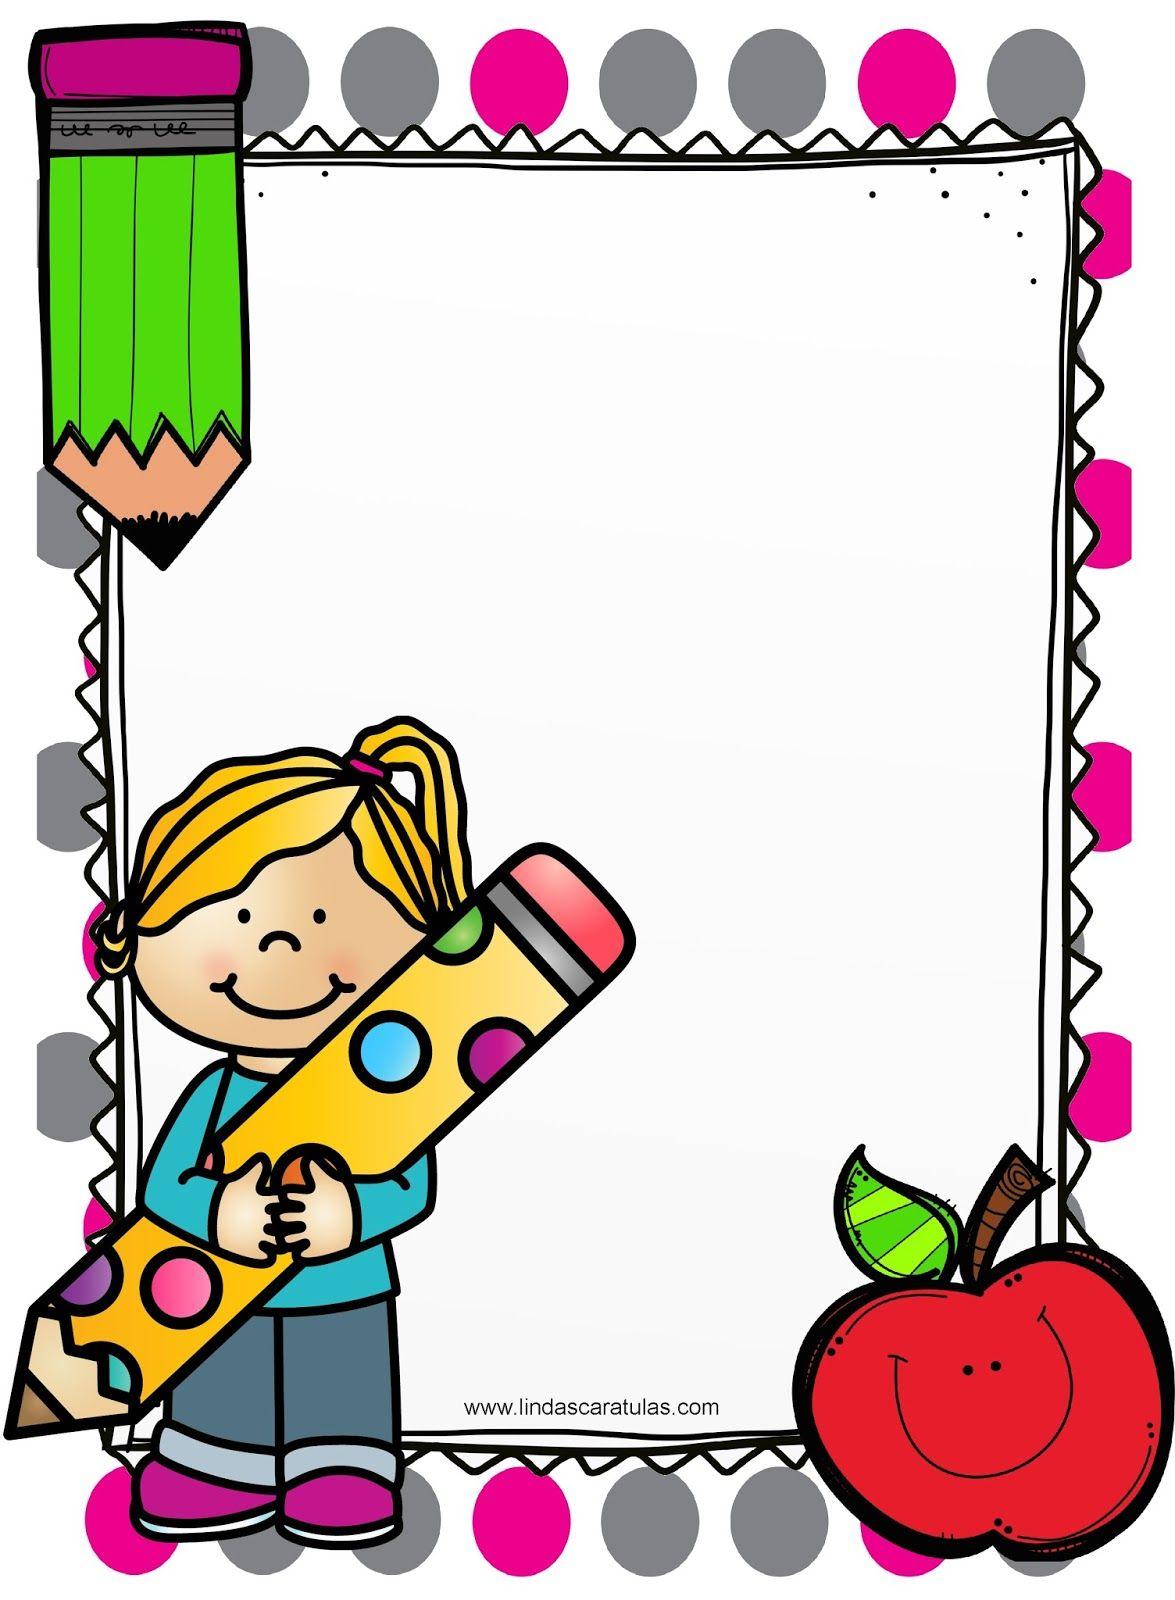 Caratulas Portadas Bordes Imagenes Infantiles Disenos De Tripticos Dipticos Caratula Para Ninos Caratulas Para Carpetas Caratulas Para Cuadernos Escolares